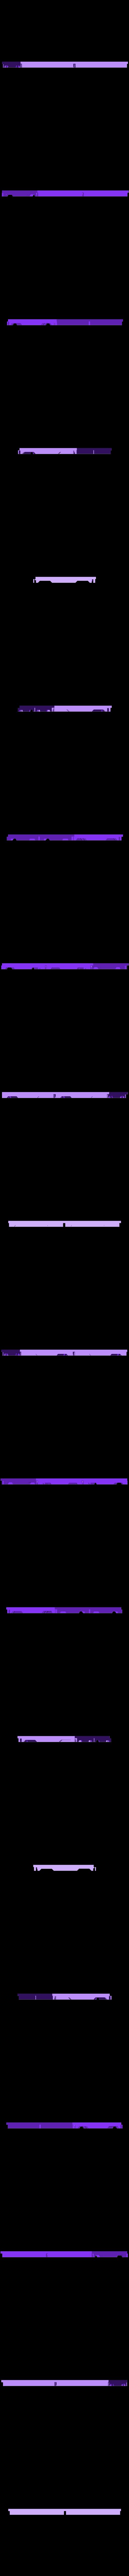 Bulkhead_Wall_02.stl Télécharger fichier STL Murs O'Bulkhead en lots ! - Pour les artisans du spectacle • Objet pour impression 3D, 40Emperor